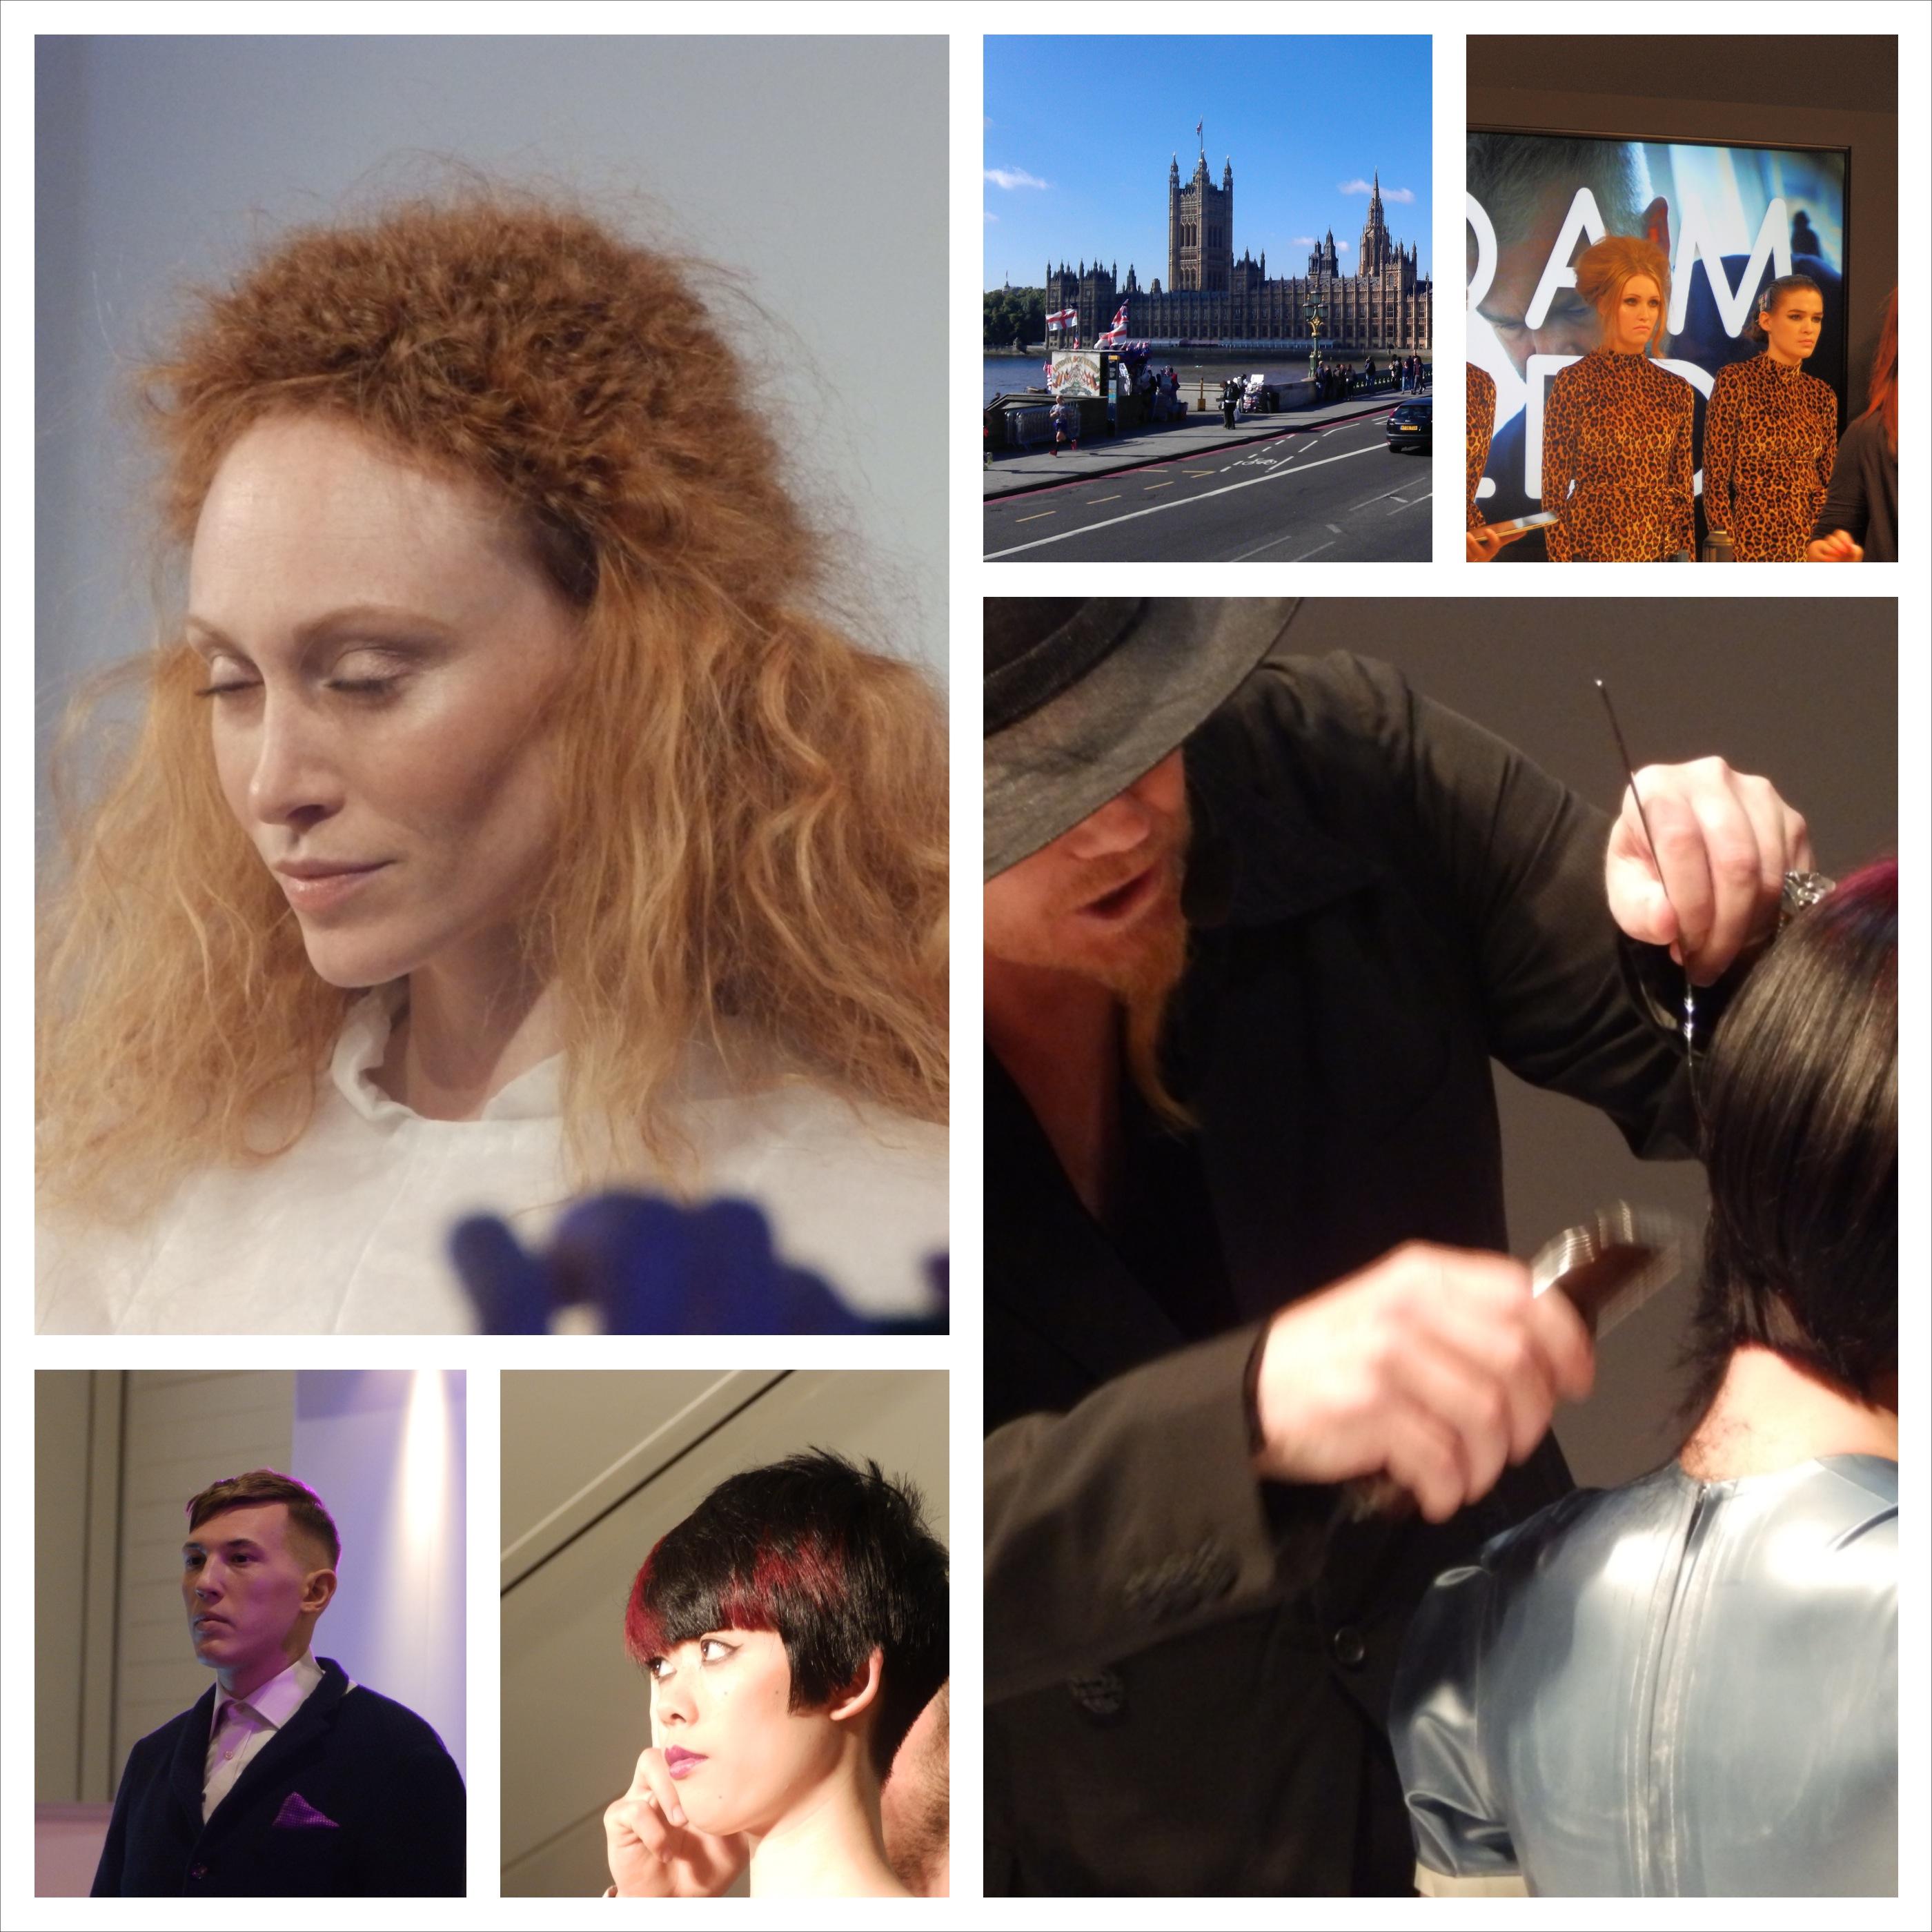 Dutchhaircutters spot nieuwe trends salon international london dutchhaircutters - Kleur trend salon ...